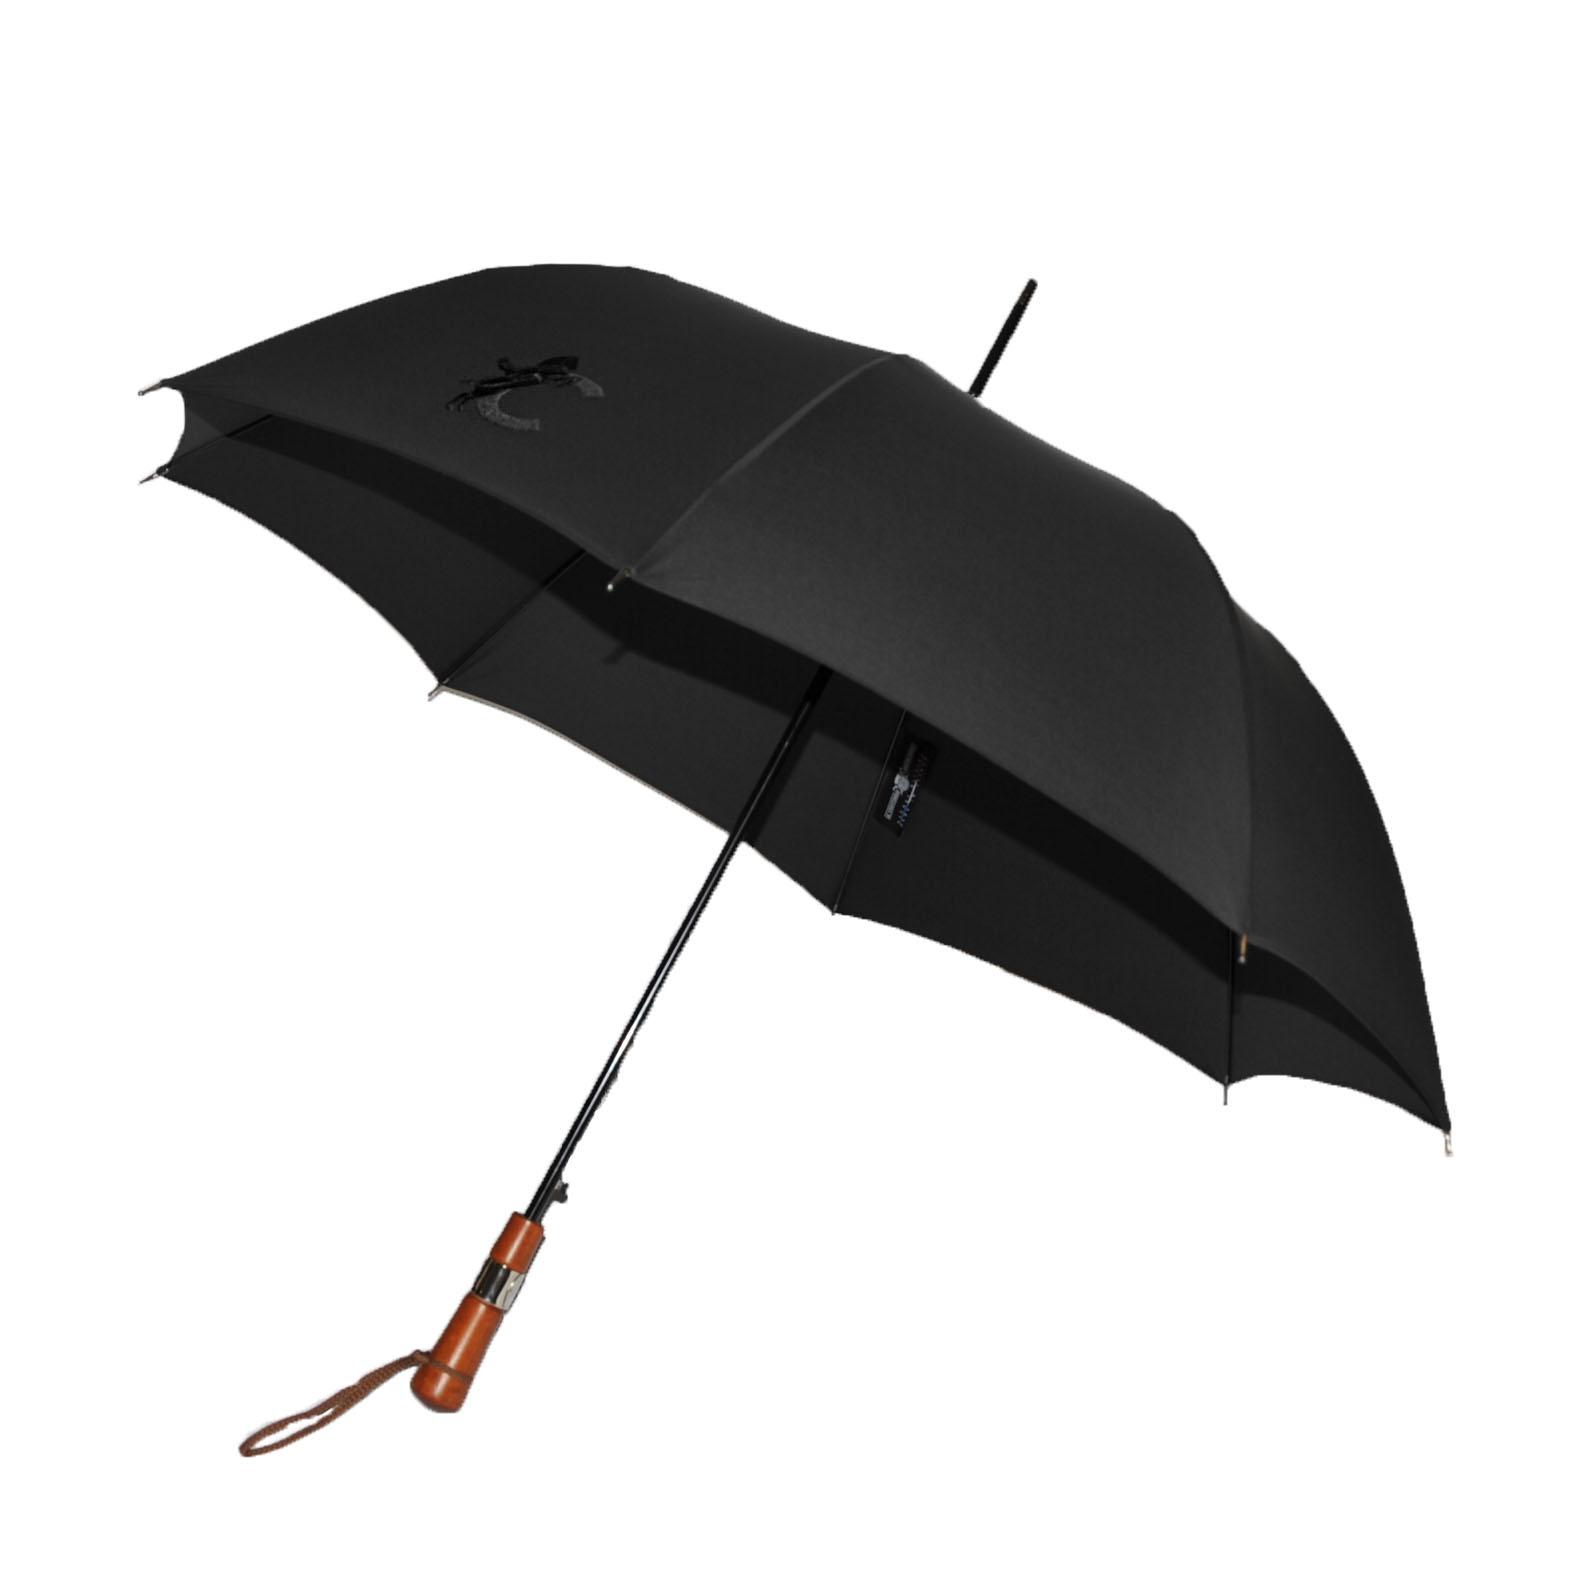 le veritable cherbourg - cadre noir - parapluie - luxe - edition limitee